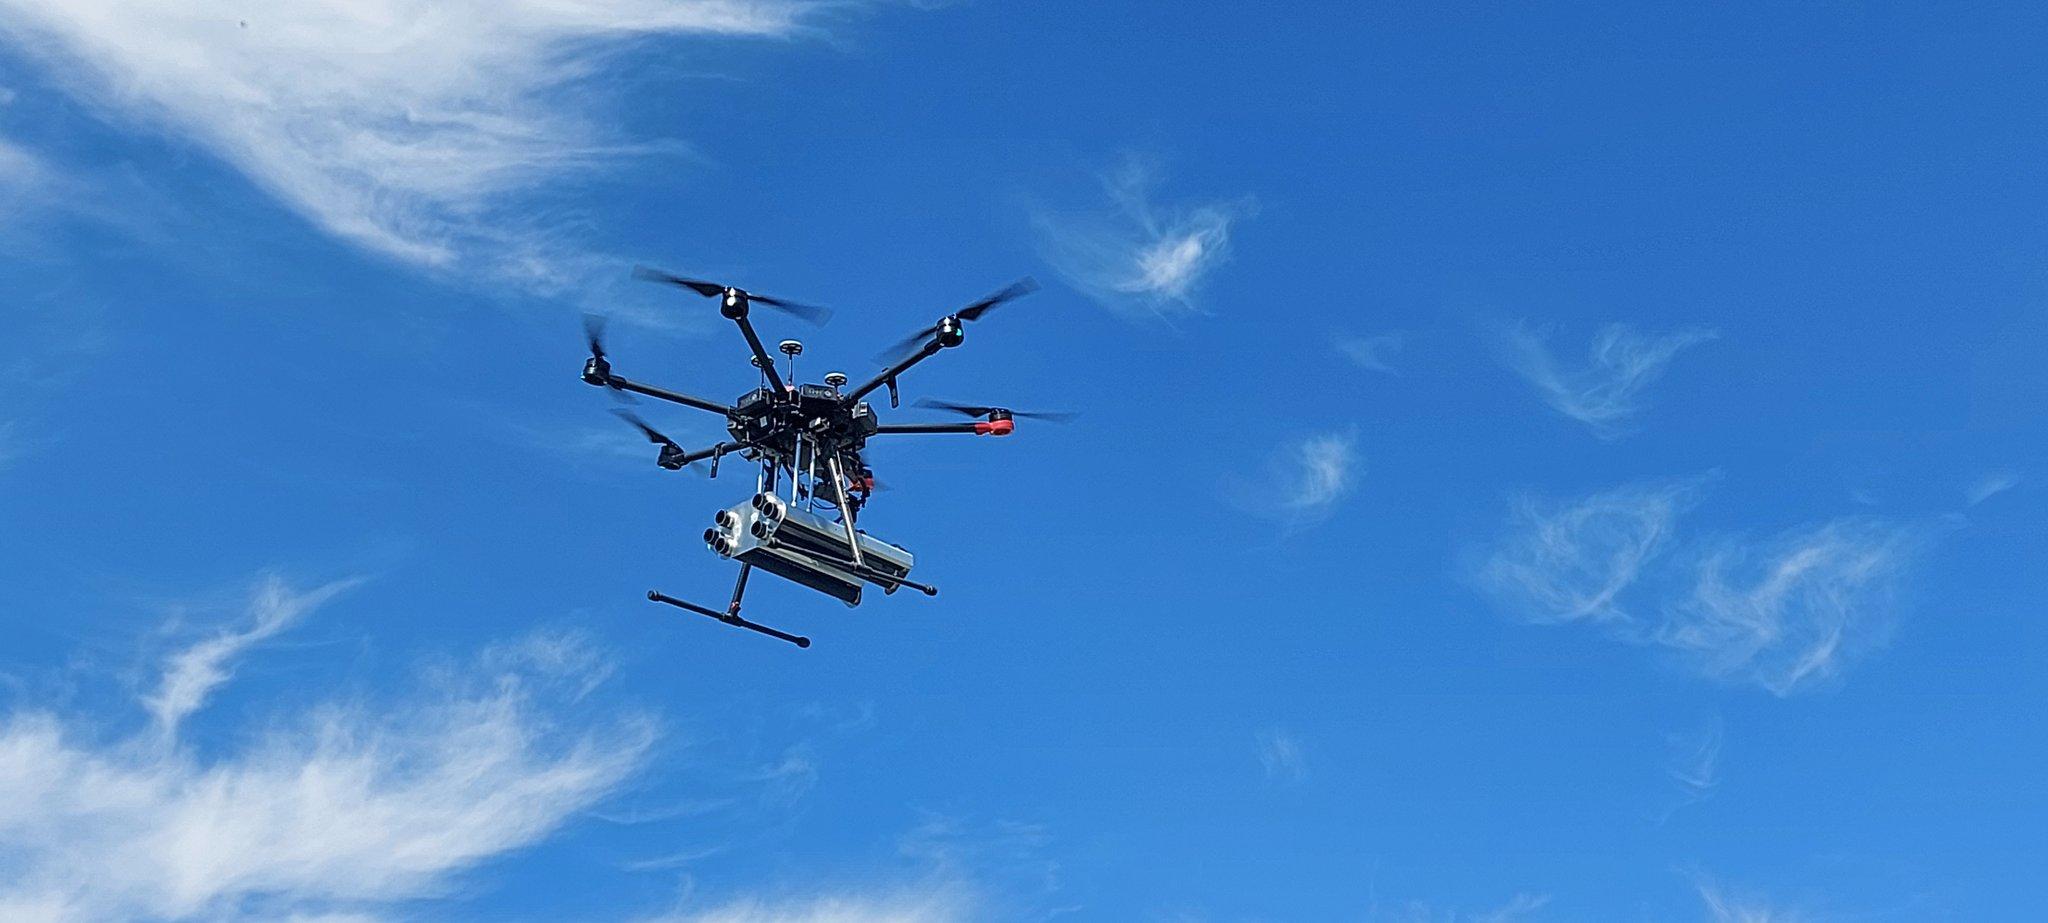 Η Τουρκία επενδύει στα UAV και κατασκευάζει νέες καταστροφικές μίνι-ρουκέτες!